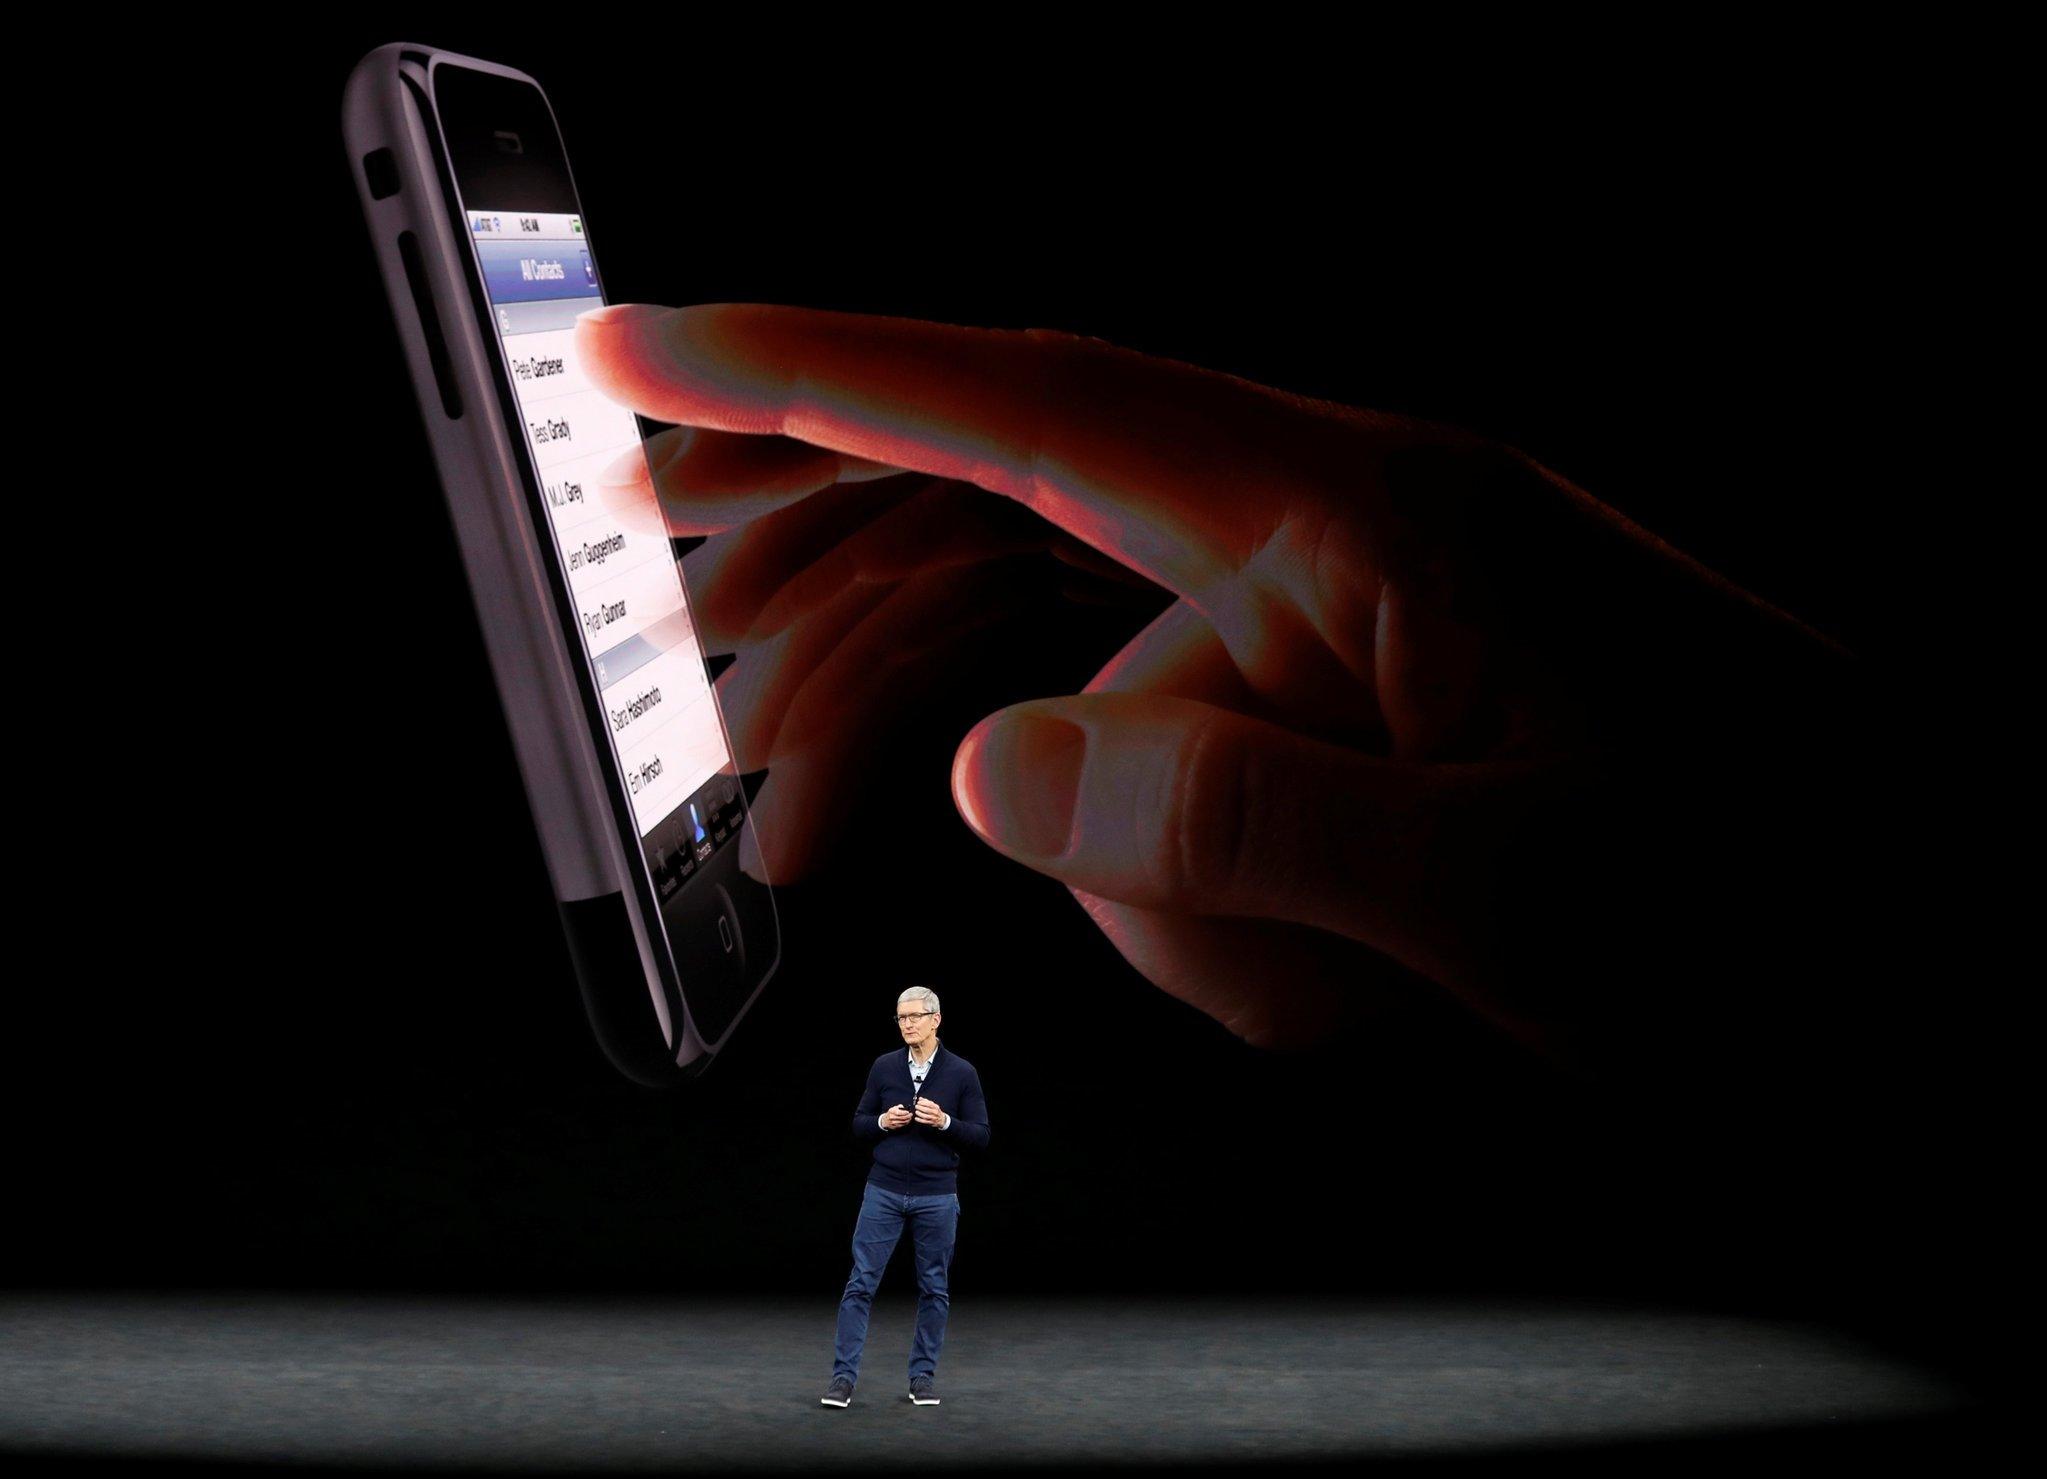 Dünyanın beklediği iPhone 8 tanıtıldı